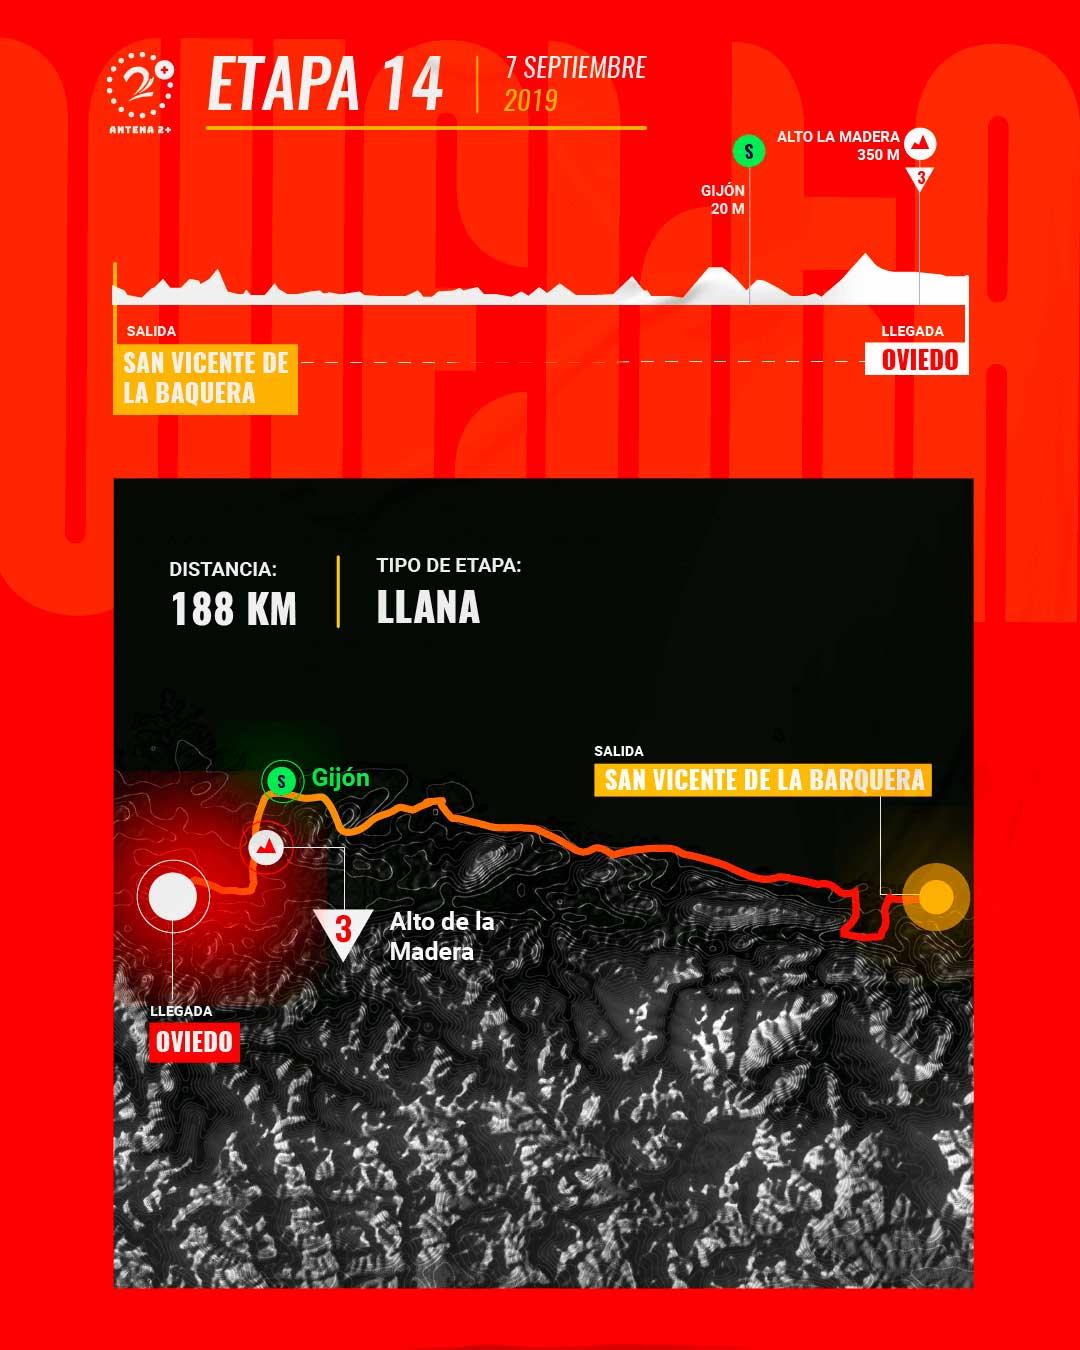 Etapa 14, Vuelta a España 2019